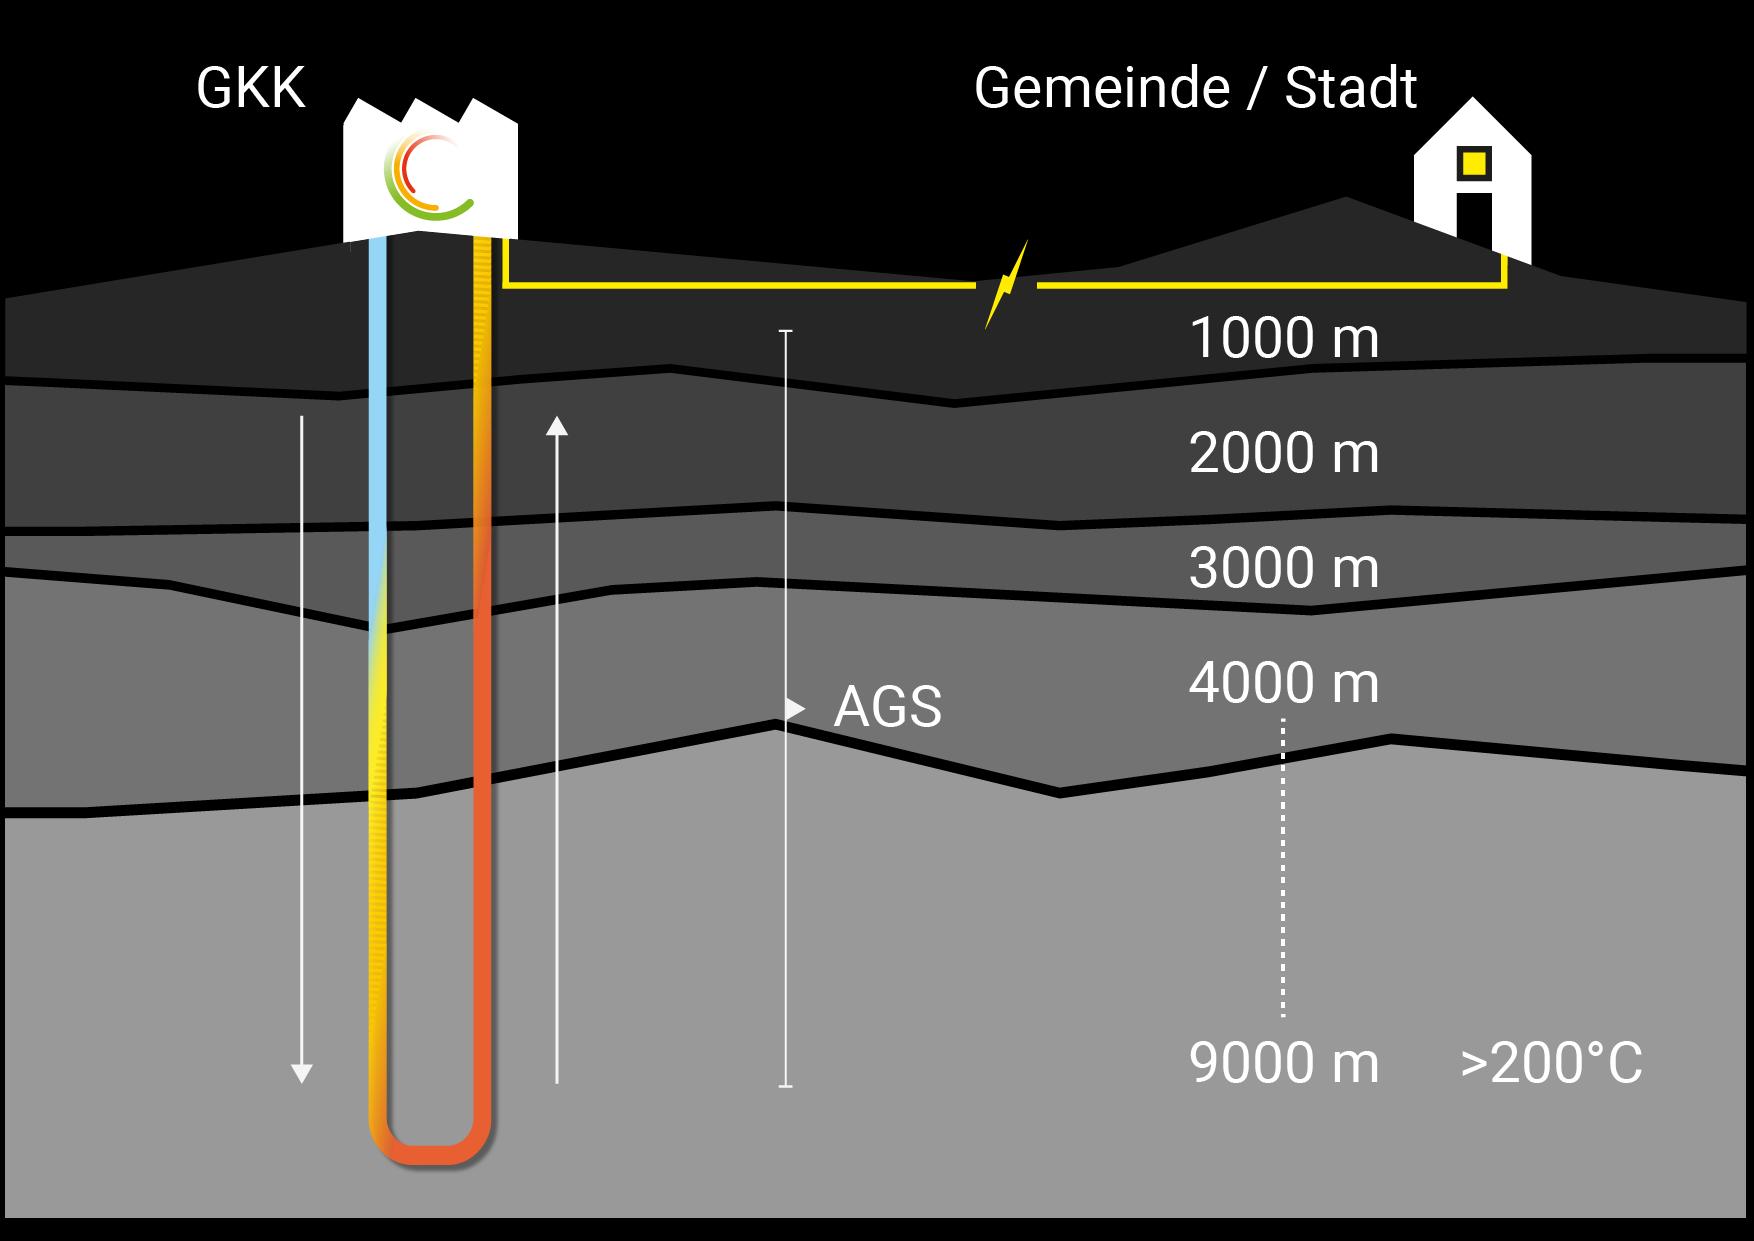 Stromproduktion mit AGS/GKK Schematisch erklärt